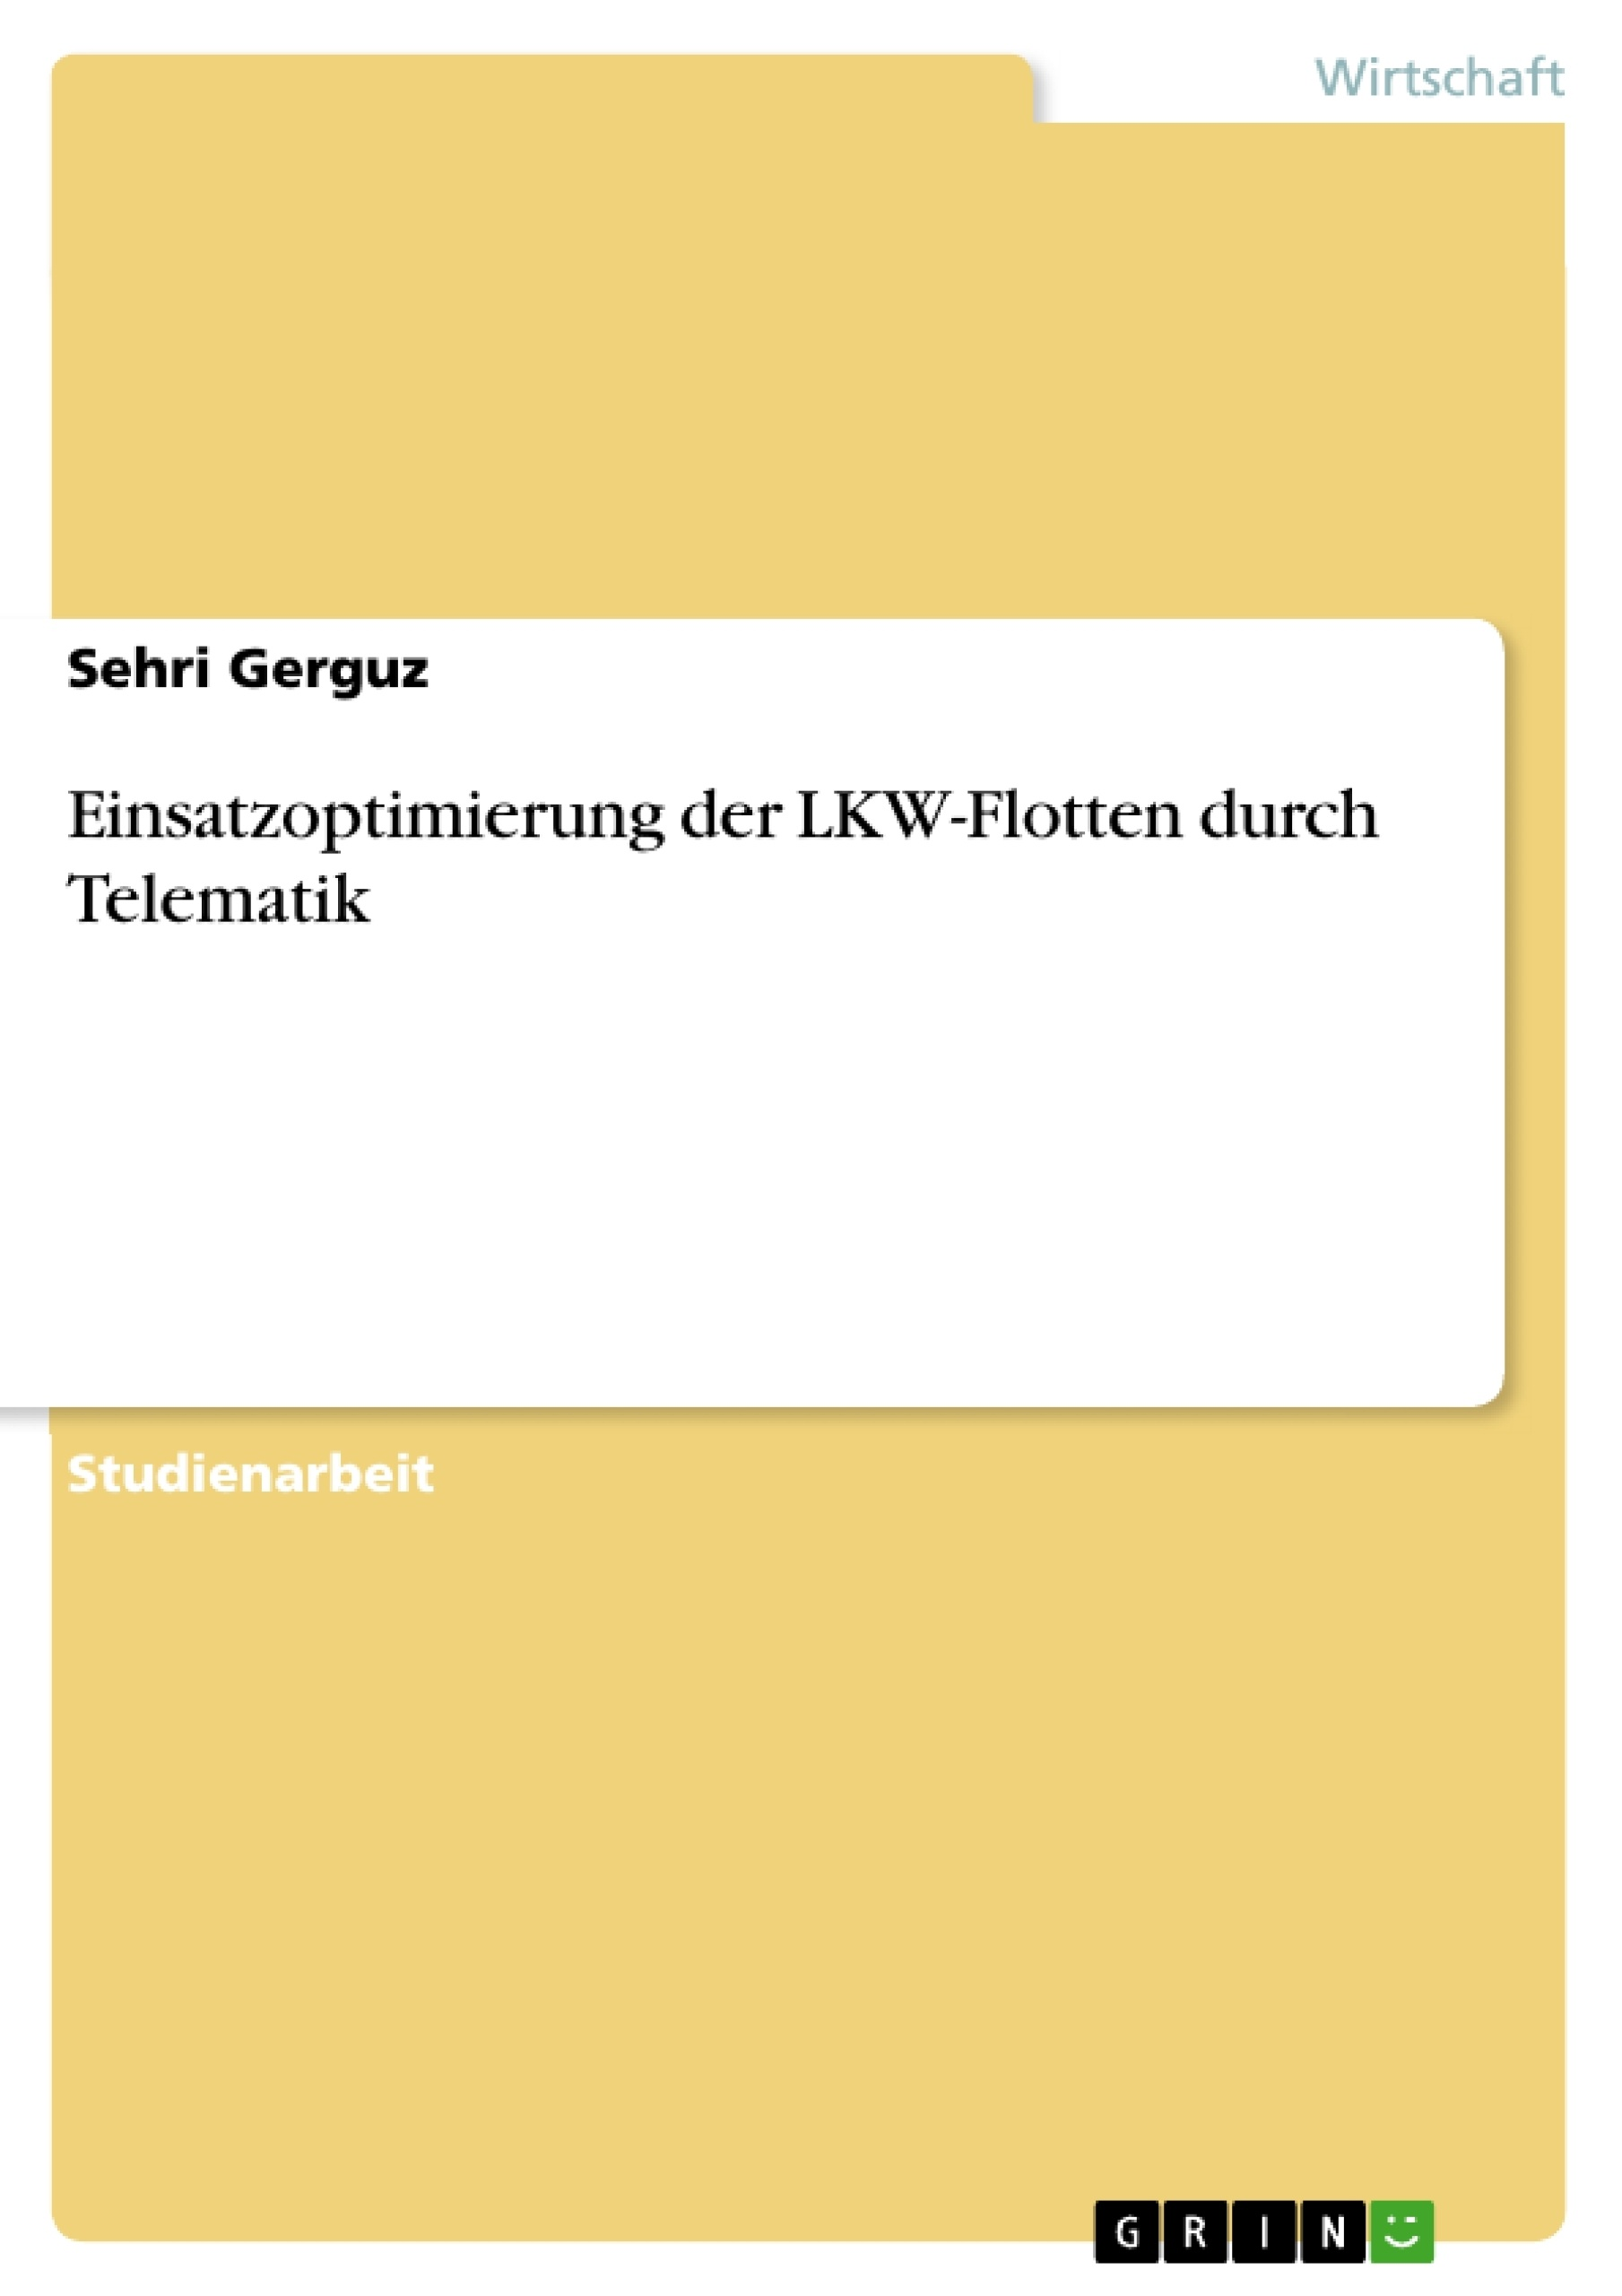 Titel: Einsatzoptimierung der LKW-Flotten durch Telematik